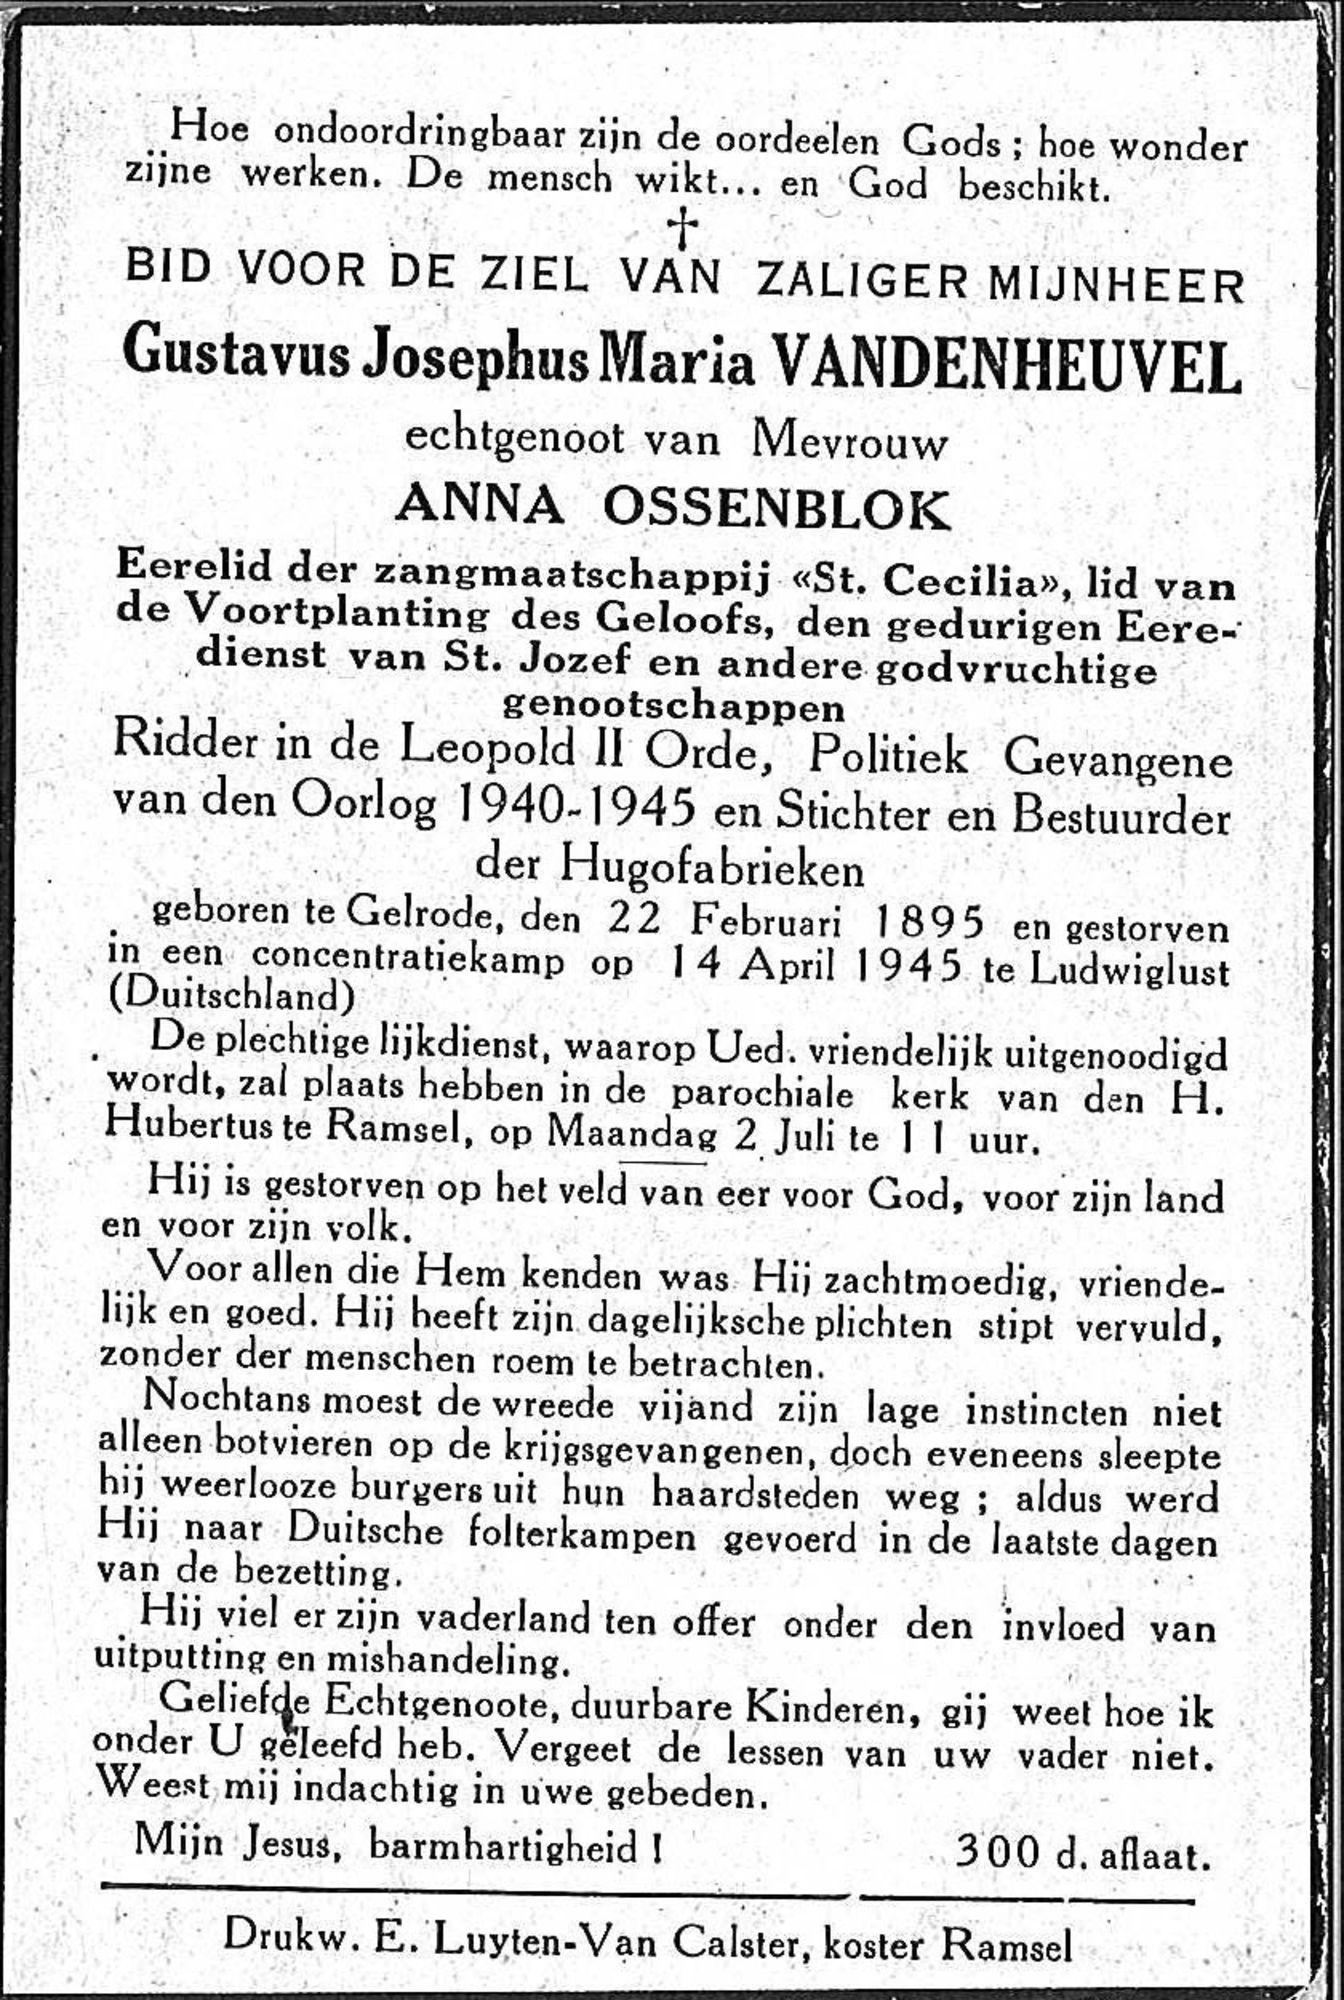 Gustavus Josephus Maria Vandenheuvel